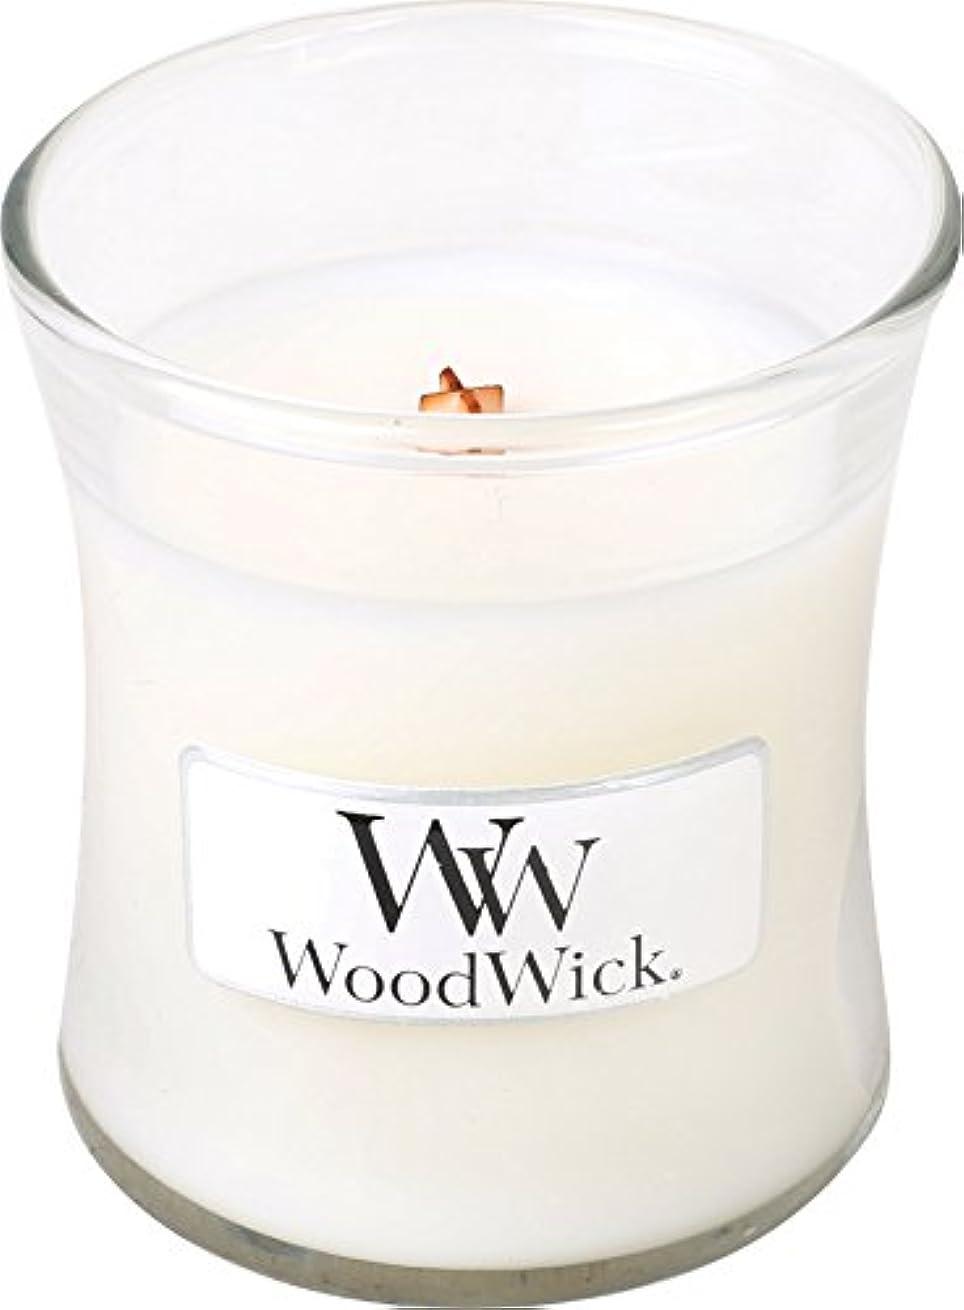 狂信者耳他のバンドでWood Wick ウッドウィック ジャーキャンドルSサイズ ホワイトティージャスミン